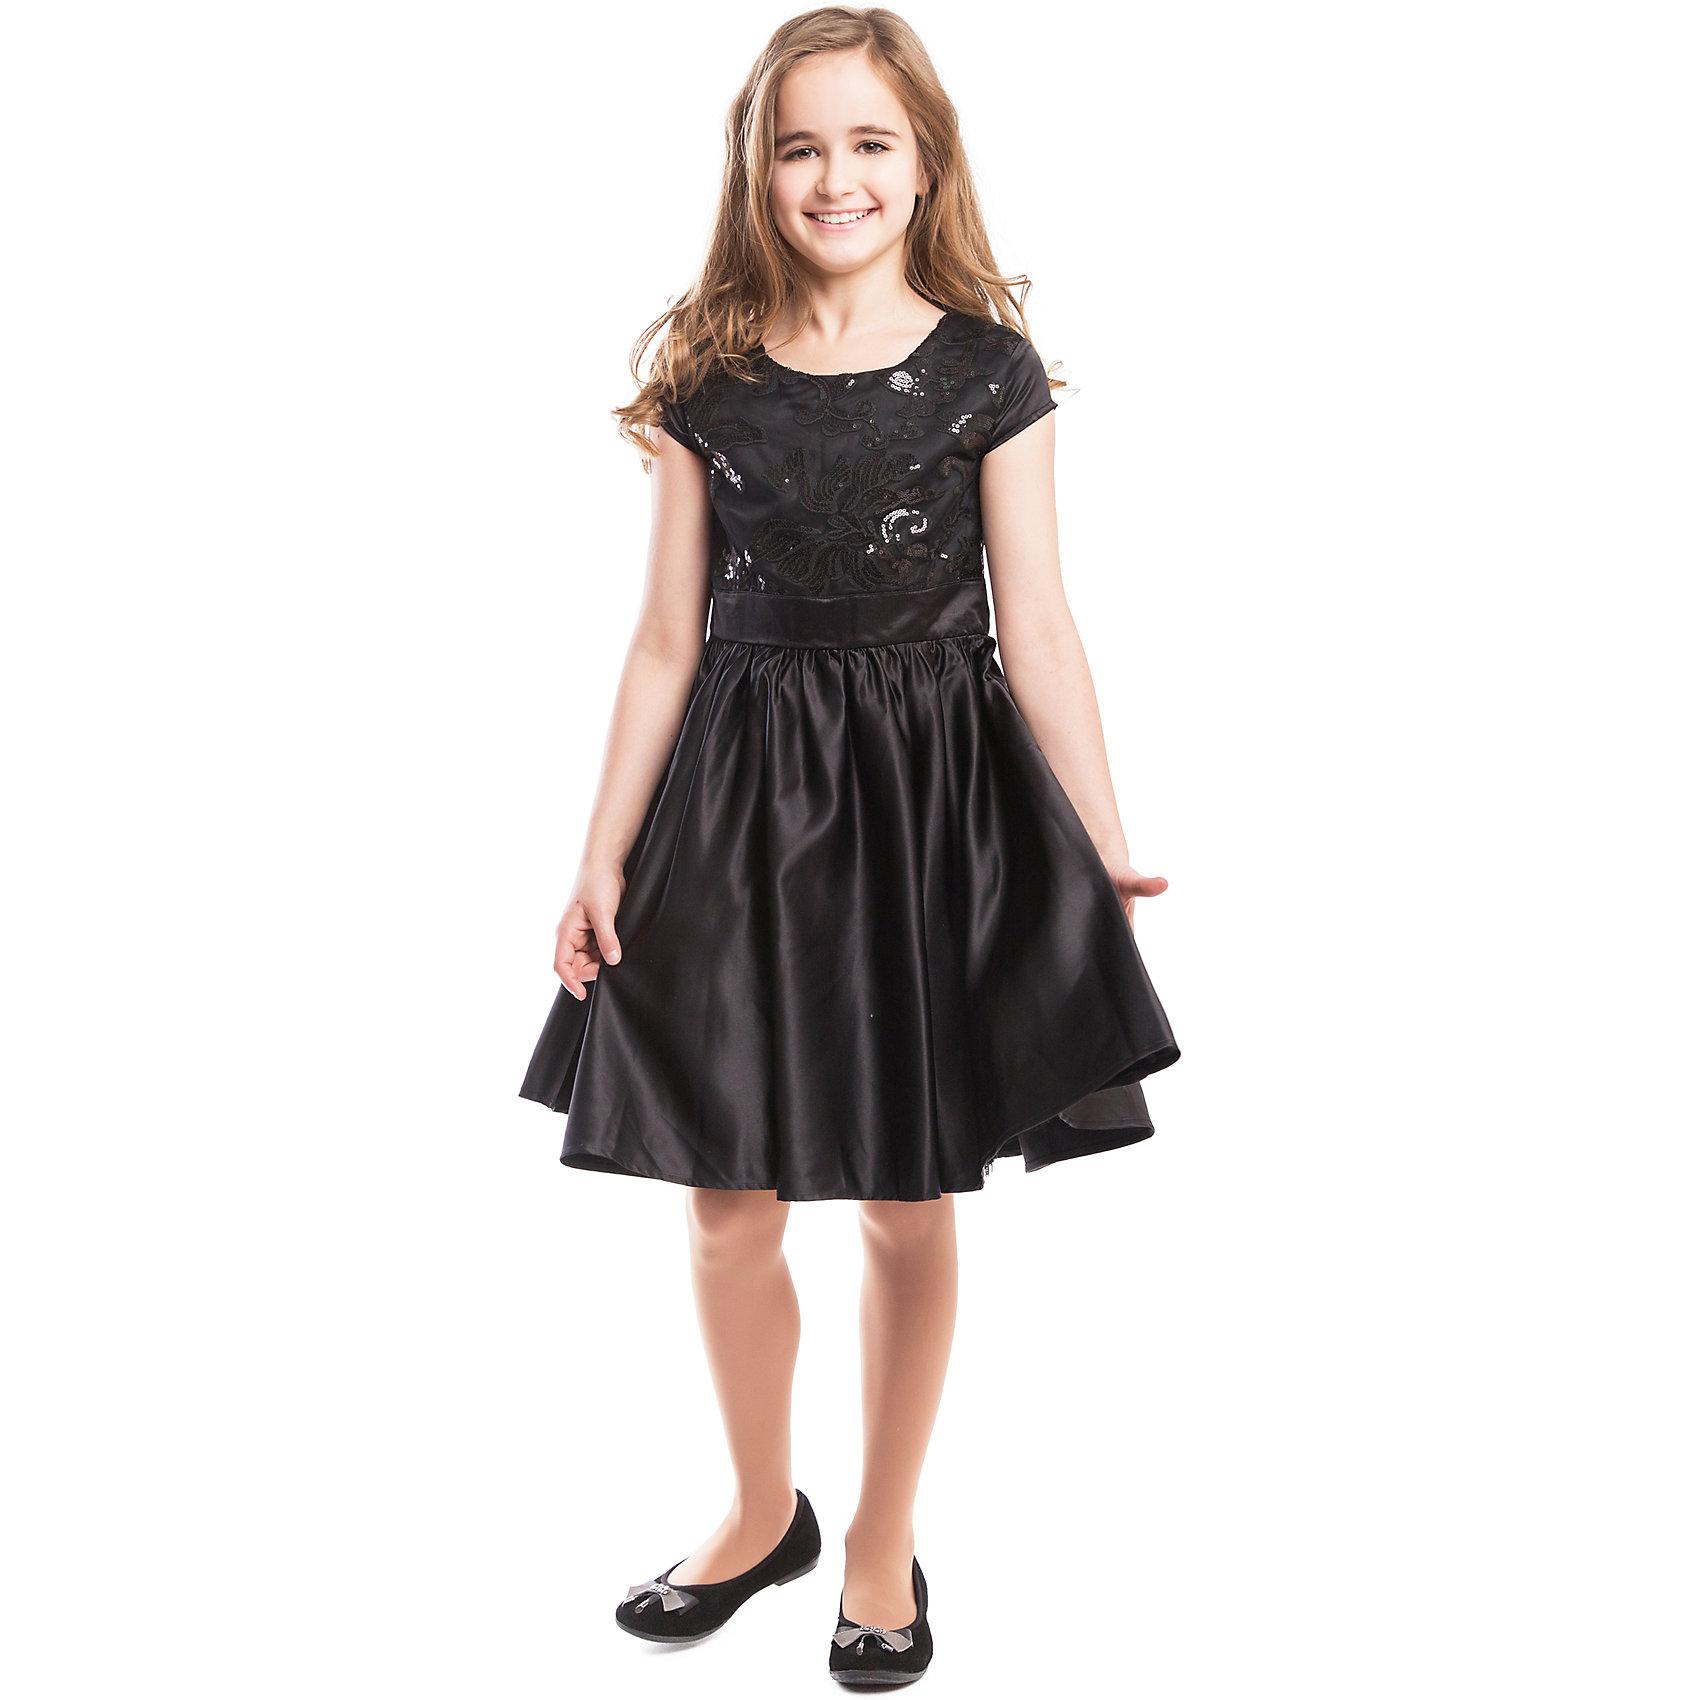 Платье ScoolПлатье Scool <br><br>Состав: <br>Верх: 100% полиэстер, <br>Подкладка: 100% хлопок <br><br>Маленькое черное платье должно быть у каждой девушки, вне зависимости от возраста. <br>Оно подойдет к любой обуви и не будет быстро пачкаться. <br>Верх украшен узорами из пайеток. <br>Есть подкладка из мягкого хлопка. <br>Рукава короткие - ребенку не будет жарко на празднике. <br>Сзади удобная застежка-молния.<br><br>Ширина мм: 236<br>Глубина мм: 16<br>Высота мм: 184<br>Вес г: 177<br>Цвет: черный<br>Возраст от месяцев: 156<br>Возраст до месяцев: 168<br>Пол: Женский<br>Возраст: Детский<br>Размер: 164,134,152,158,146,140<br>SKU: 4305460